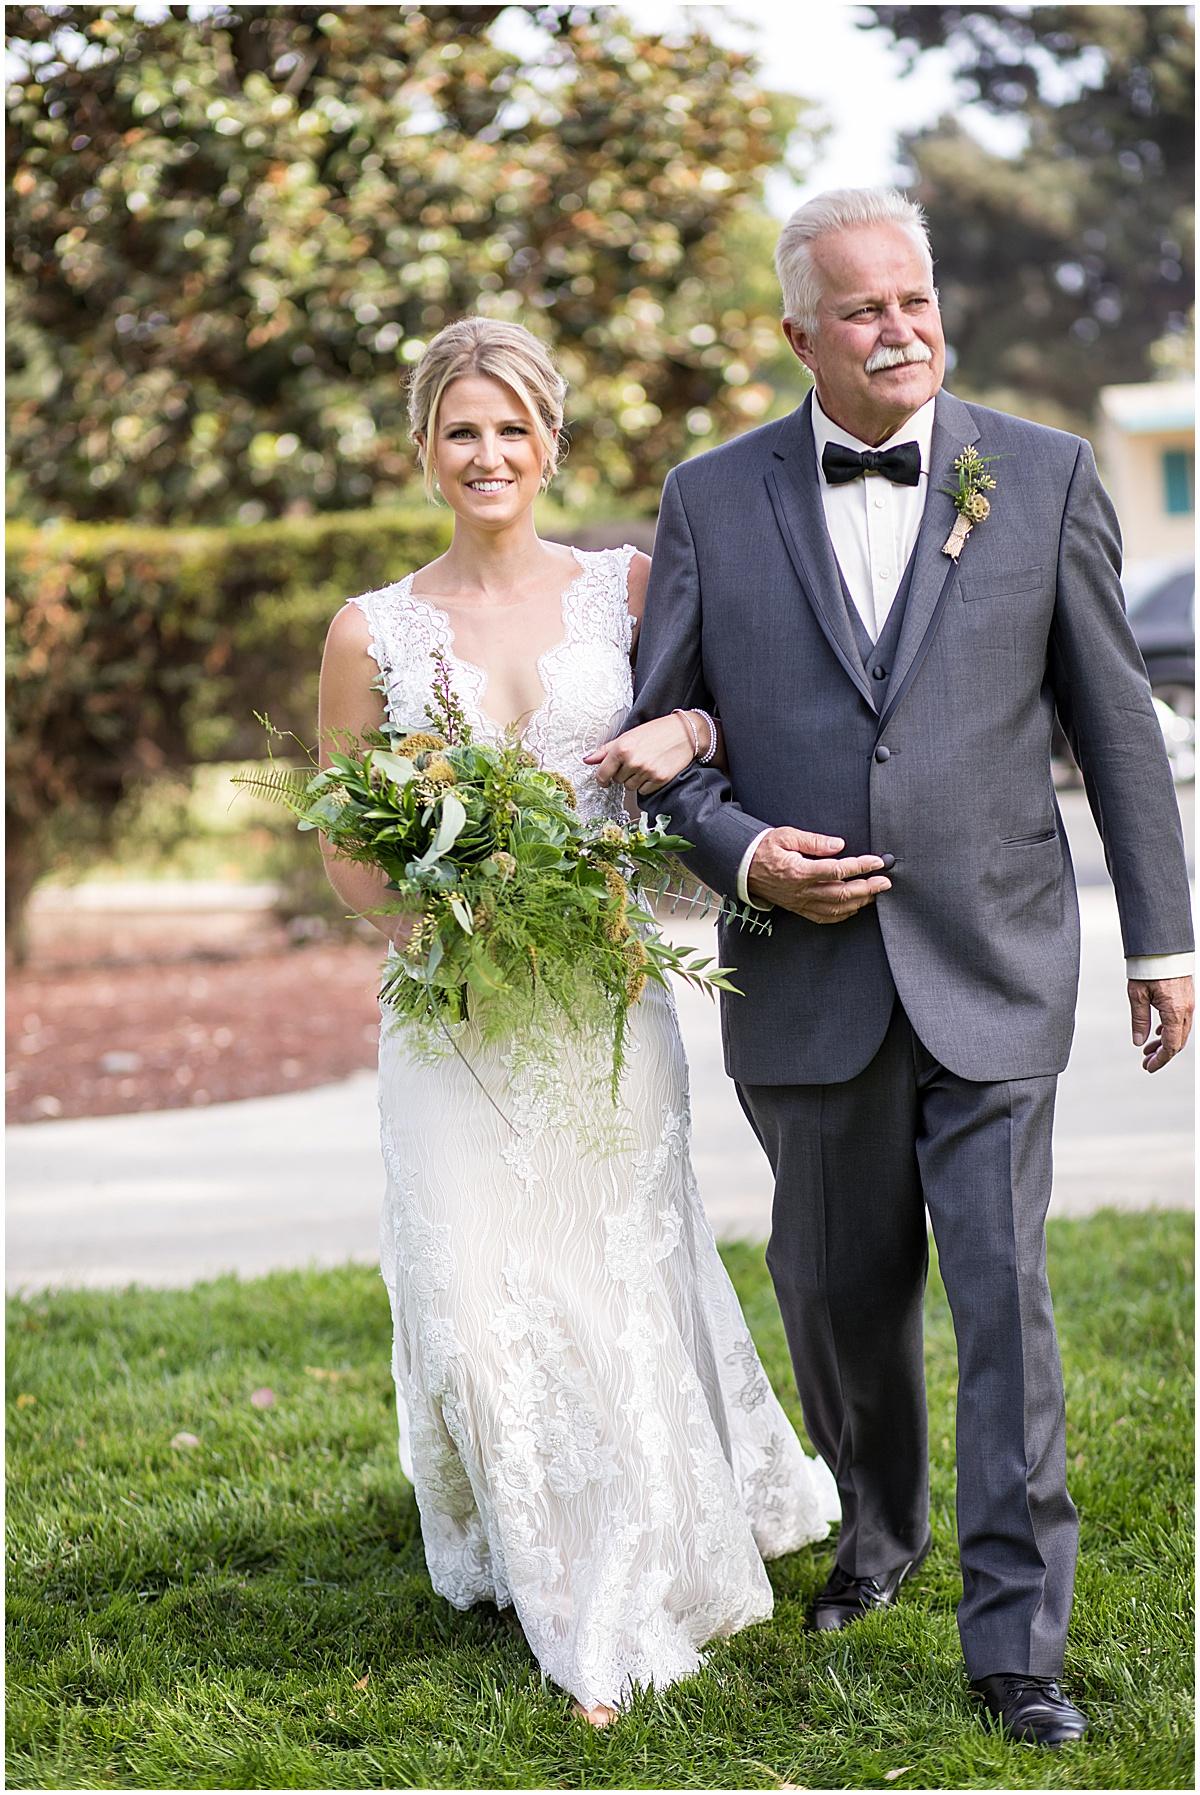 Morgan Hill Estate Botanical Wedding | Brina and Andy006